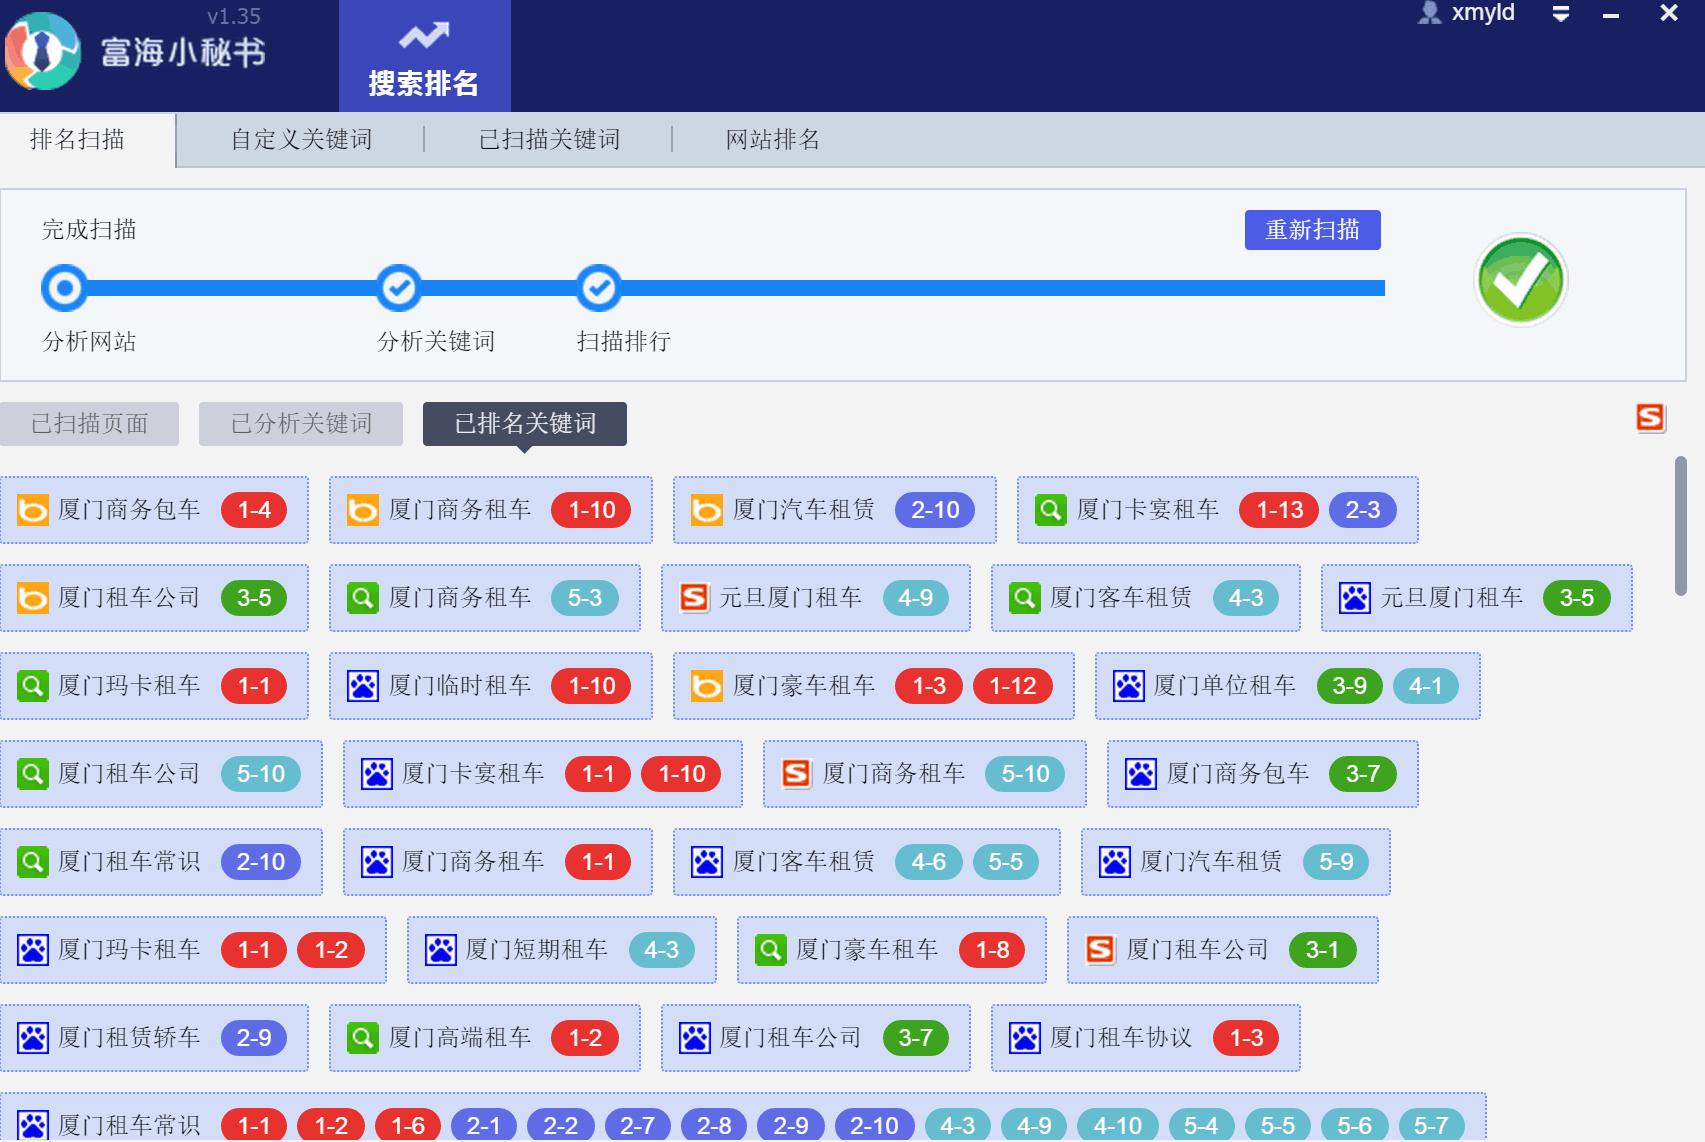 厦门租车公司加入富海360进行网站推广关键词排名超级多